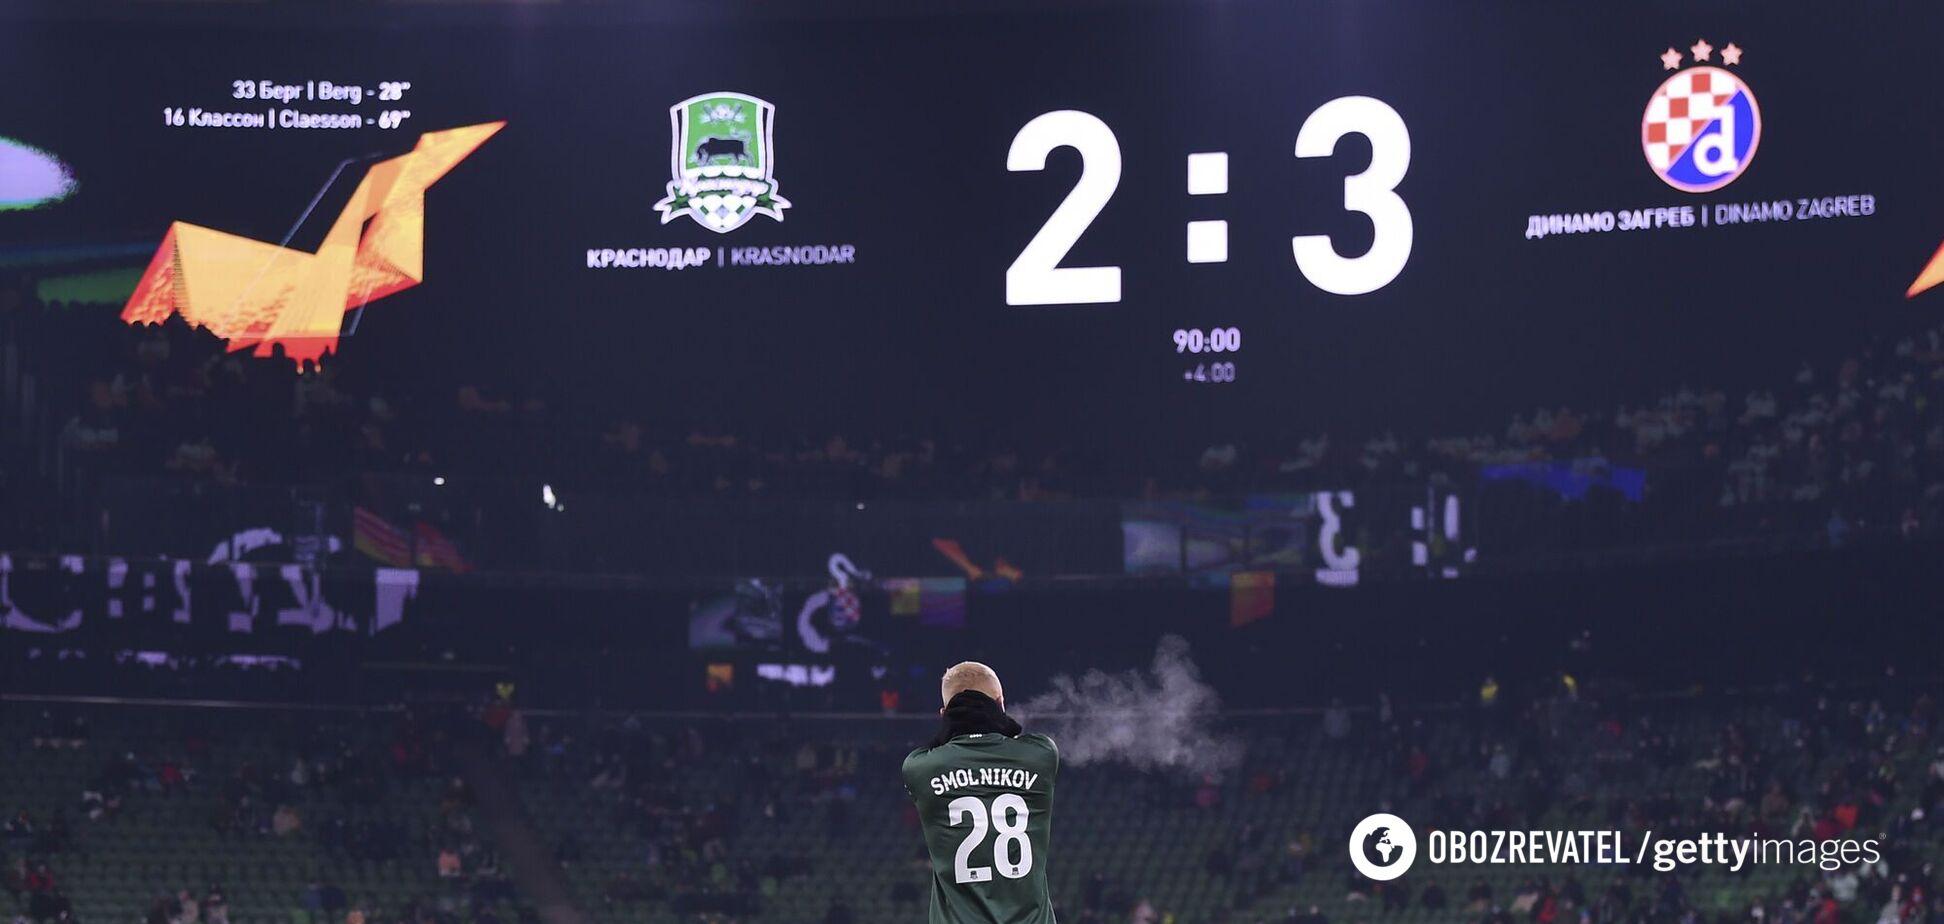 'Краснодар' програв 'Динамо' Загреб із рахунком 2: 3